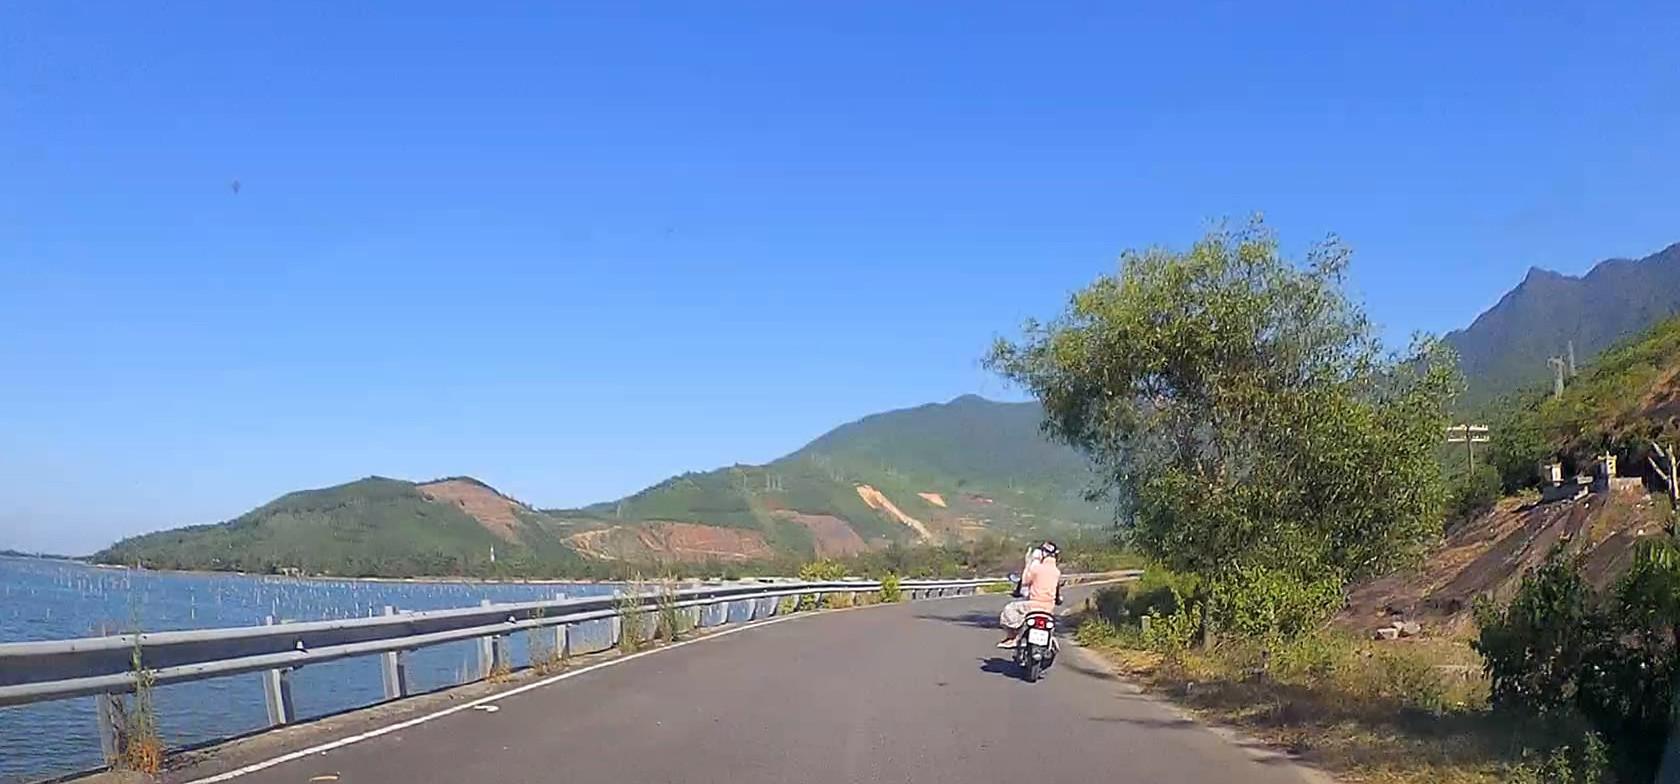 Đầm Lập An – Nơi giao tình giữa núi và biển - 4